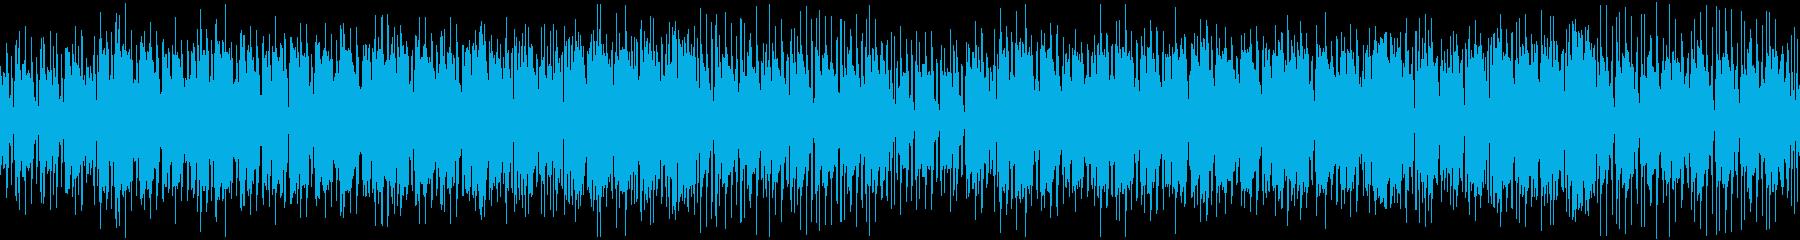 【YouTube】ゆる~い日常&ロックの再生済みの波形